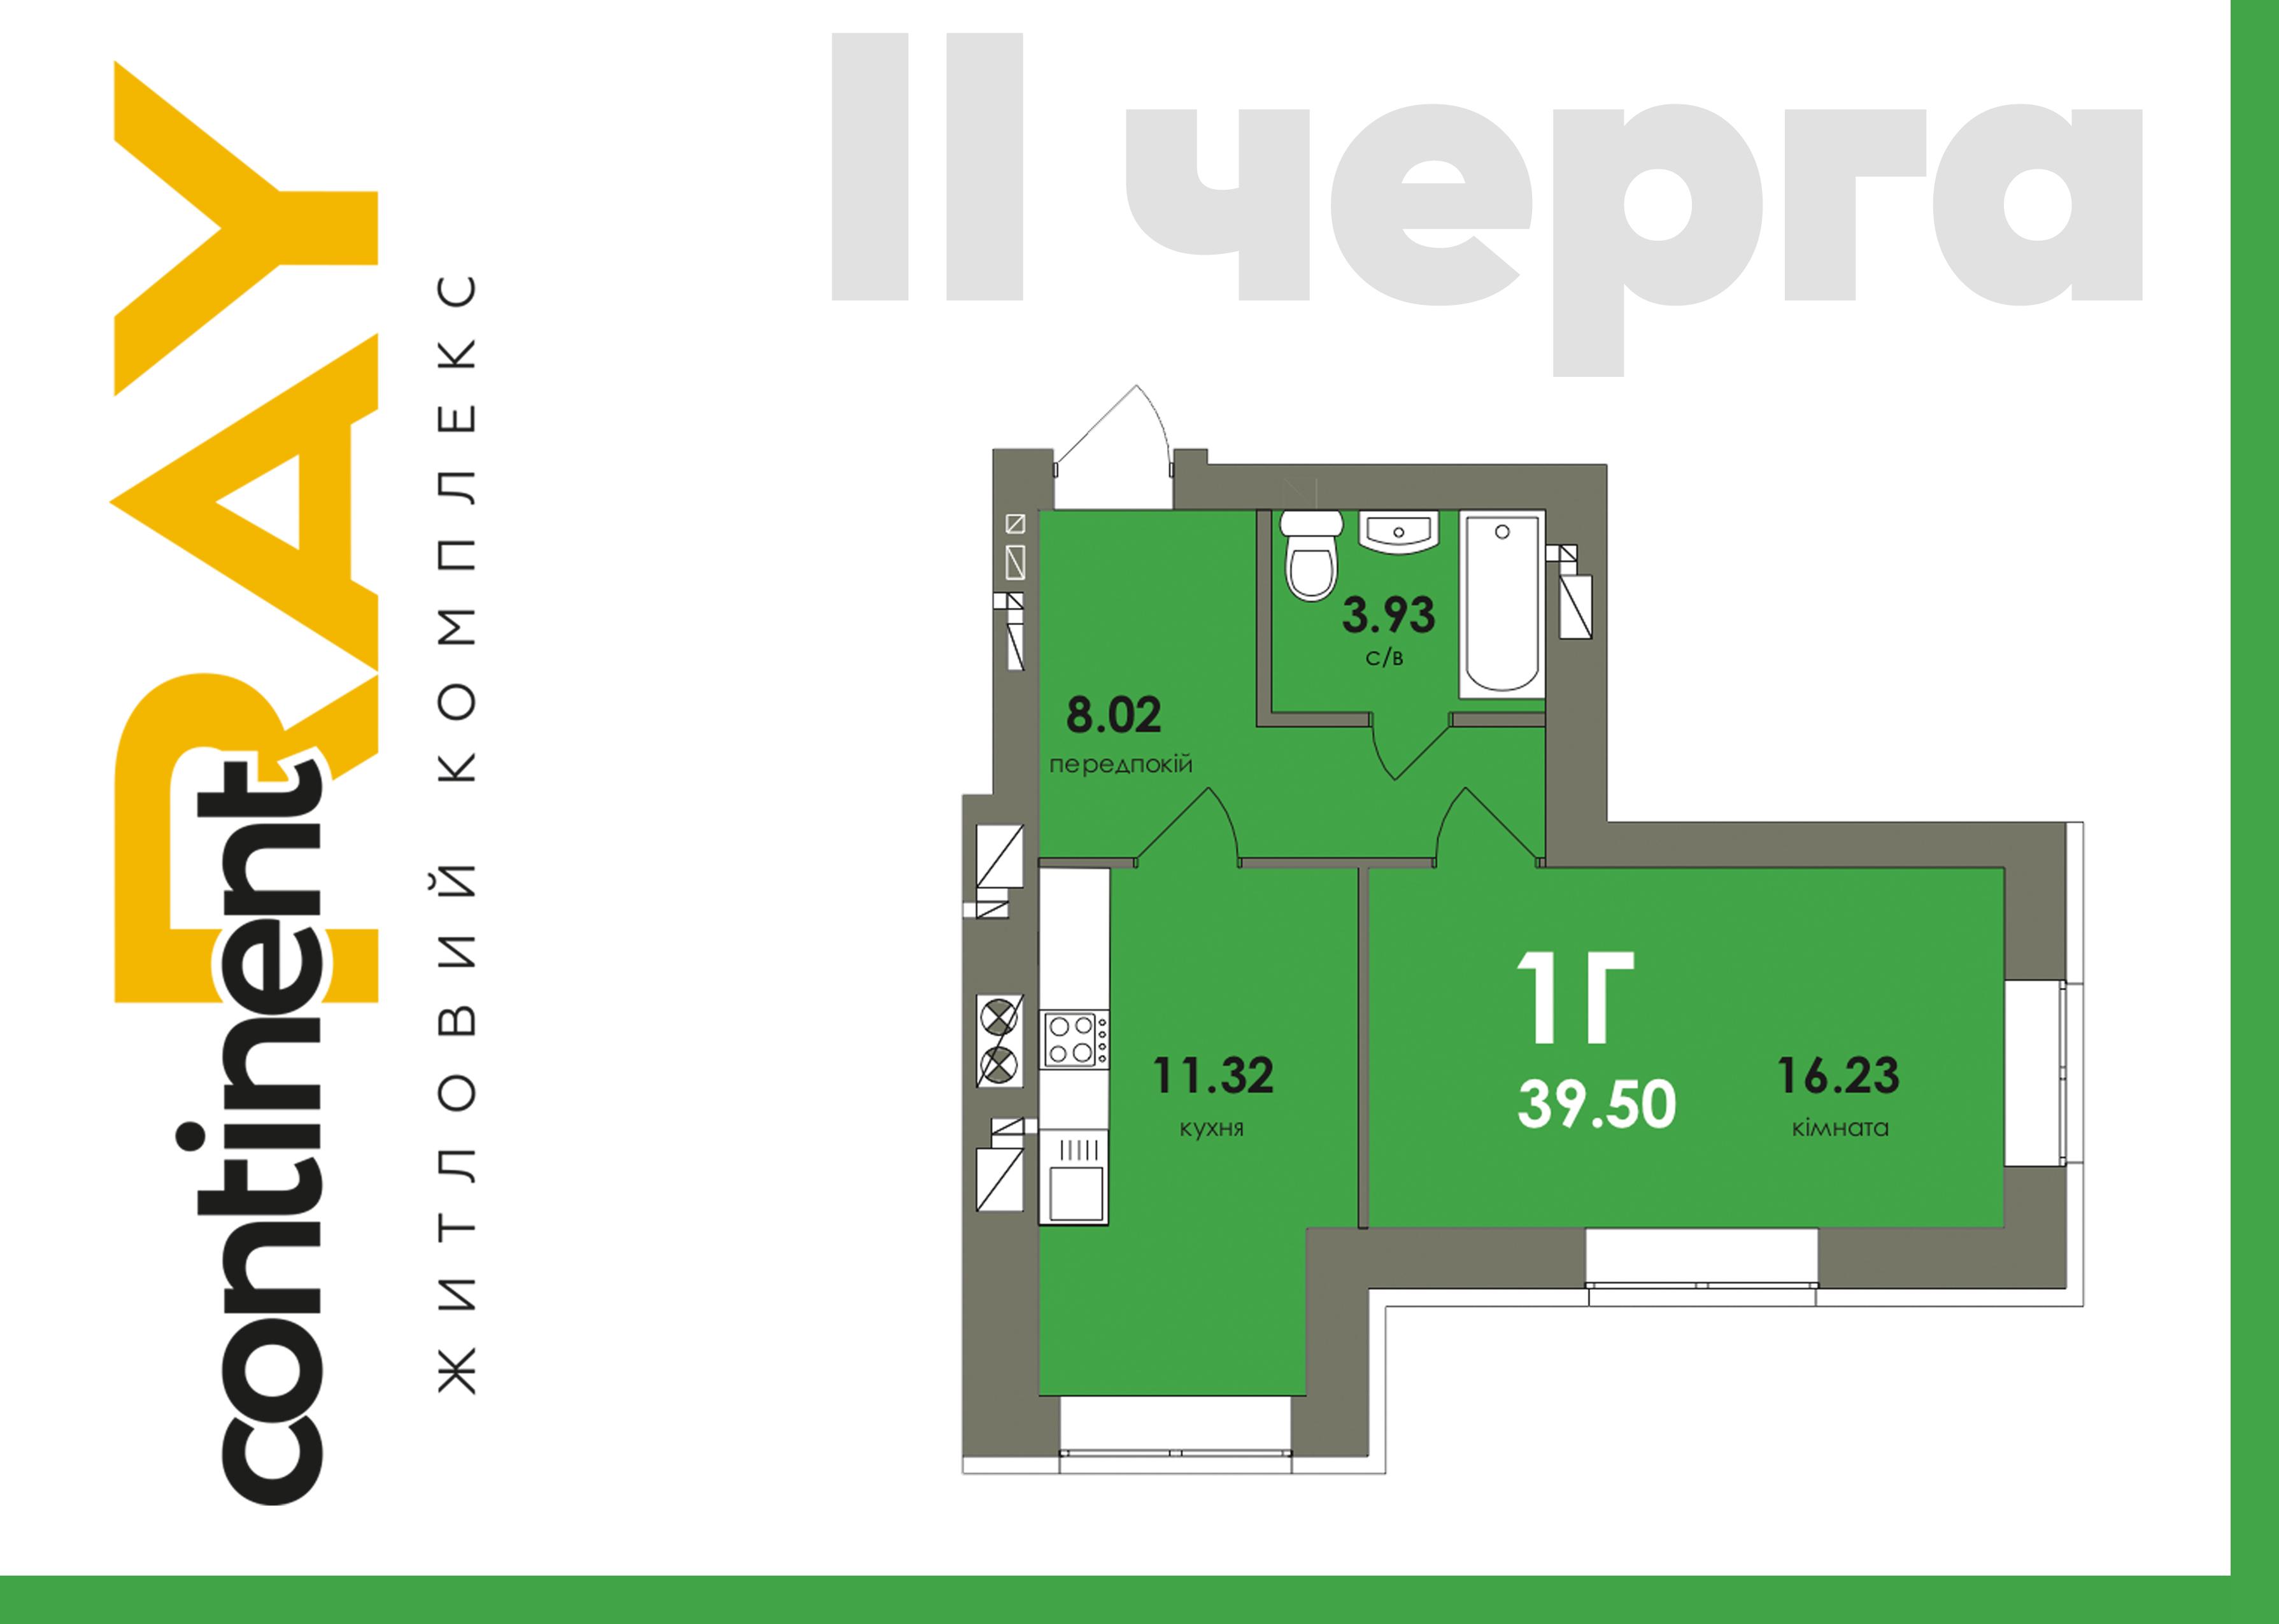 1-кімн. кв 1Г 39.50 м²